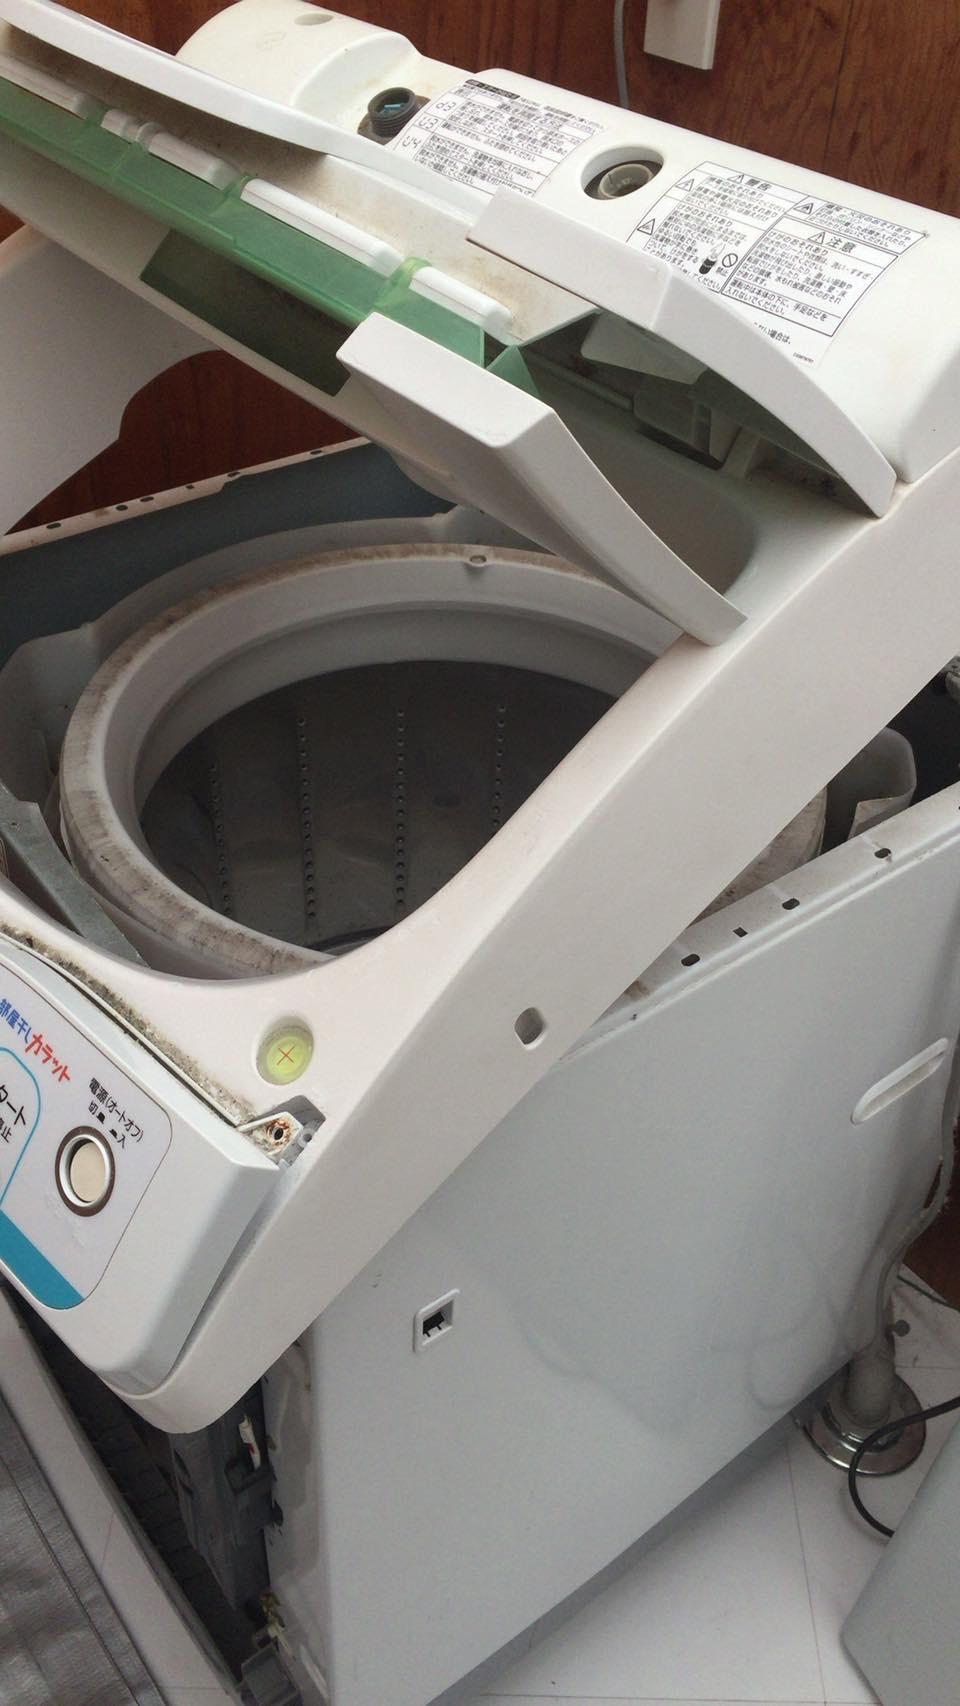 【隠れメニュー】洗濯機分解洗浄